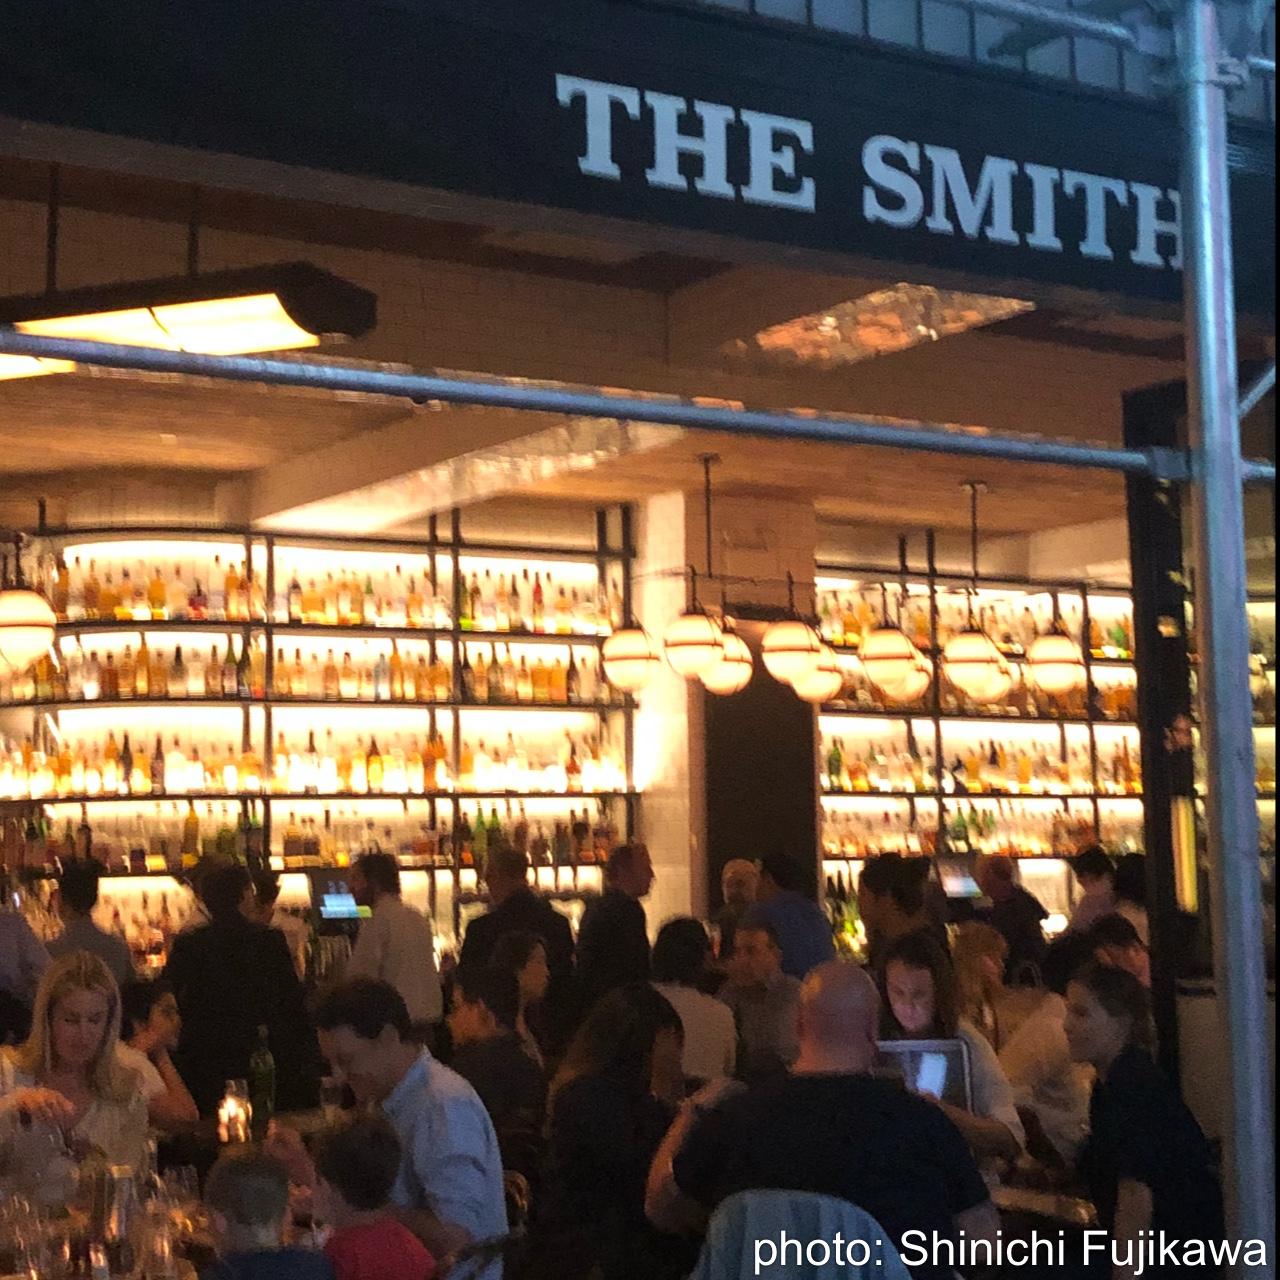 The Smith>